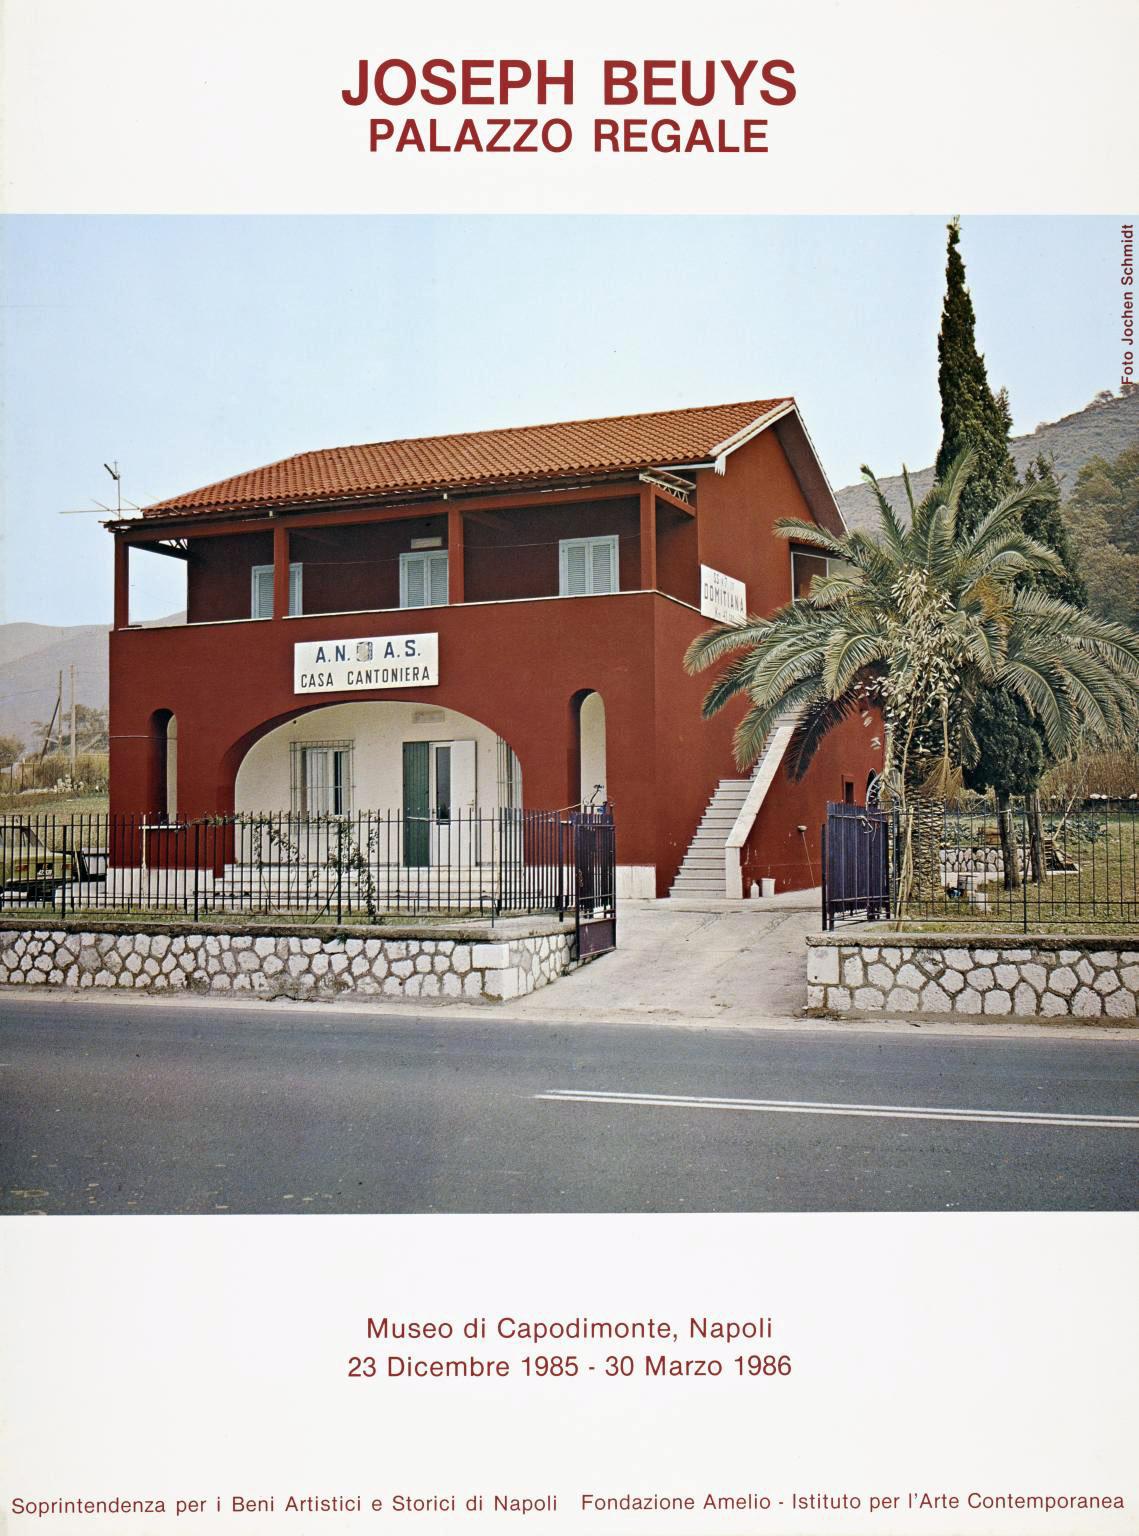 """Locandina della mostra """"Palazzo Regale"""", progetto artistico di Josef Boeuys per il Museo di Capodimonte (Napoli, 23 dicembre 1985 – 30 marzo 1986). Fonte: raum-fuer-bilder.de"""